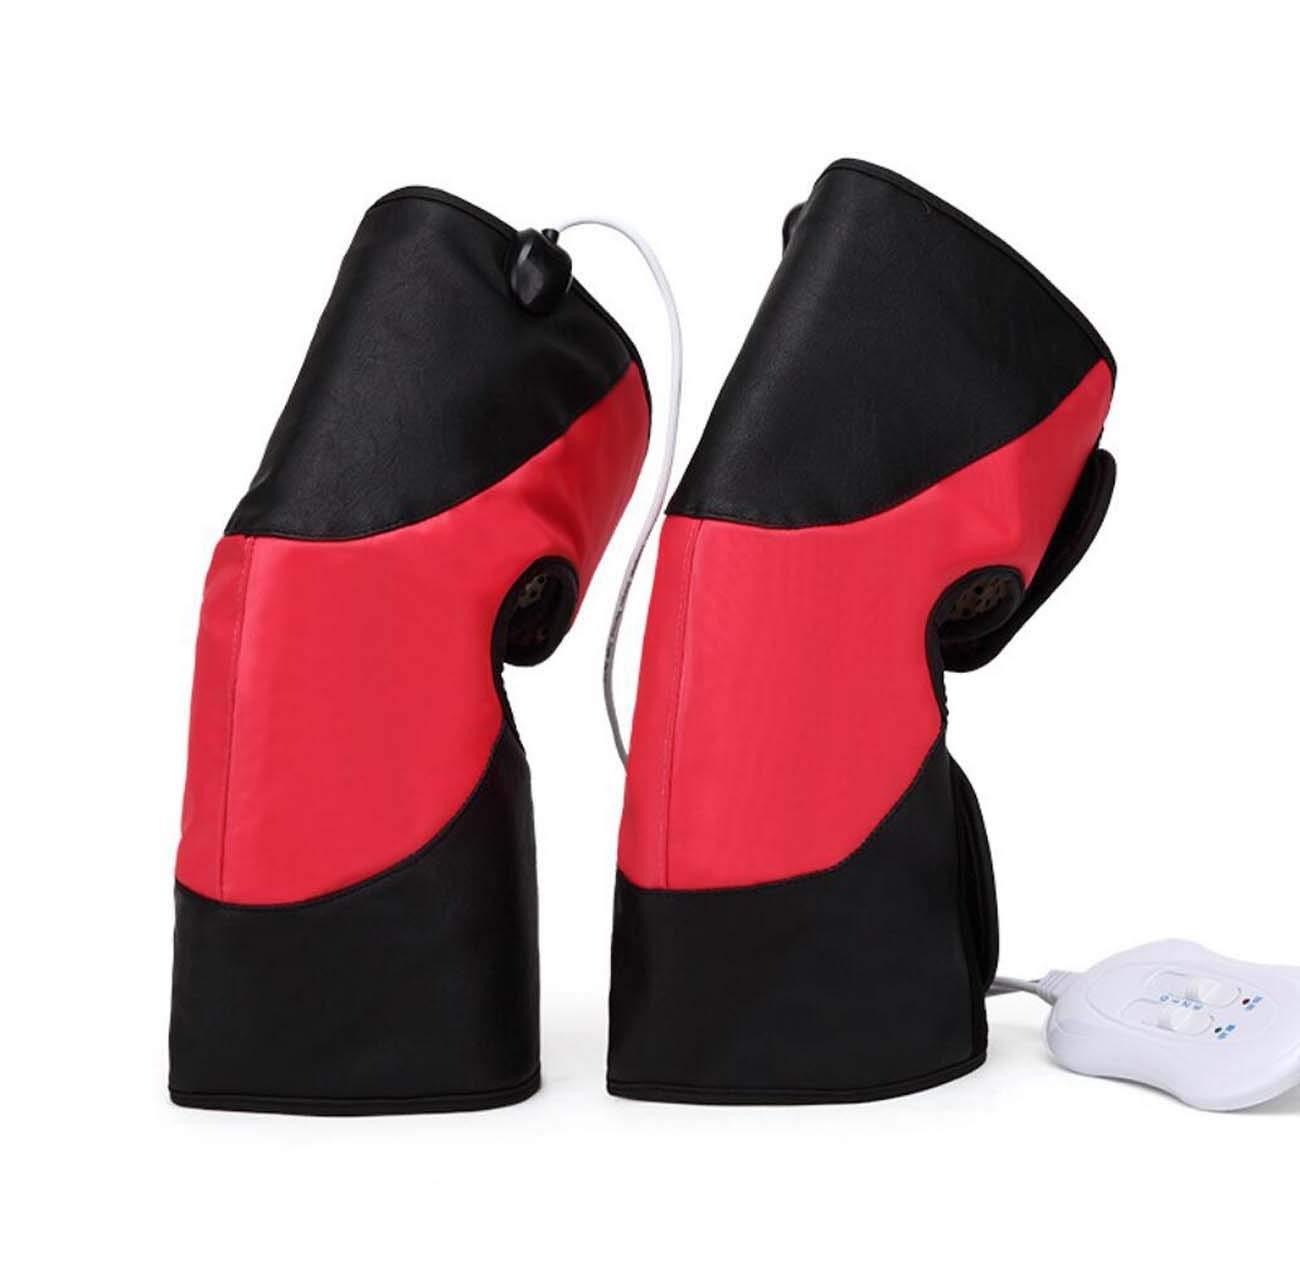 YEMEIGA Coussinets électriques de physiothérapie pour Genou Chaud thérapie par Pression des Jambes Masseur Soulagement de la Fatigue de la Cheville Arthrite Soulagement de la Douleur (Rouge)